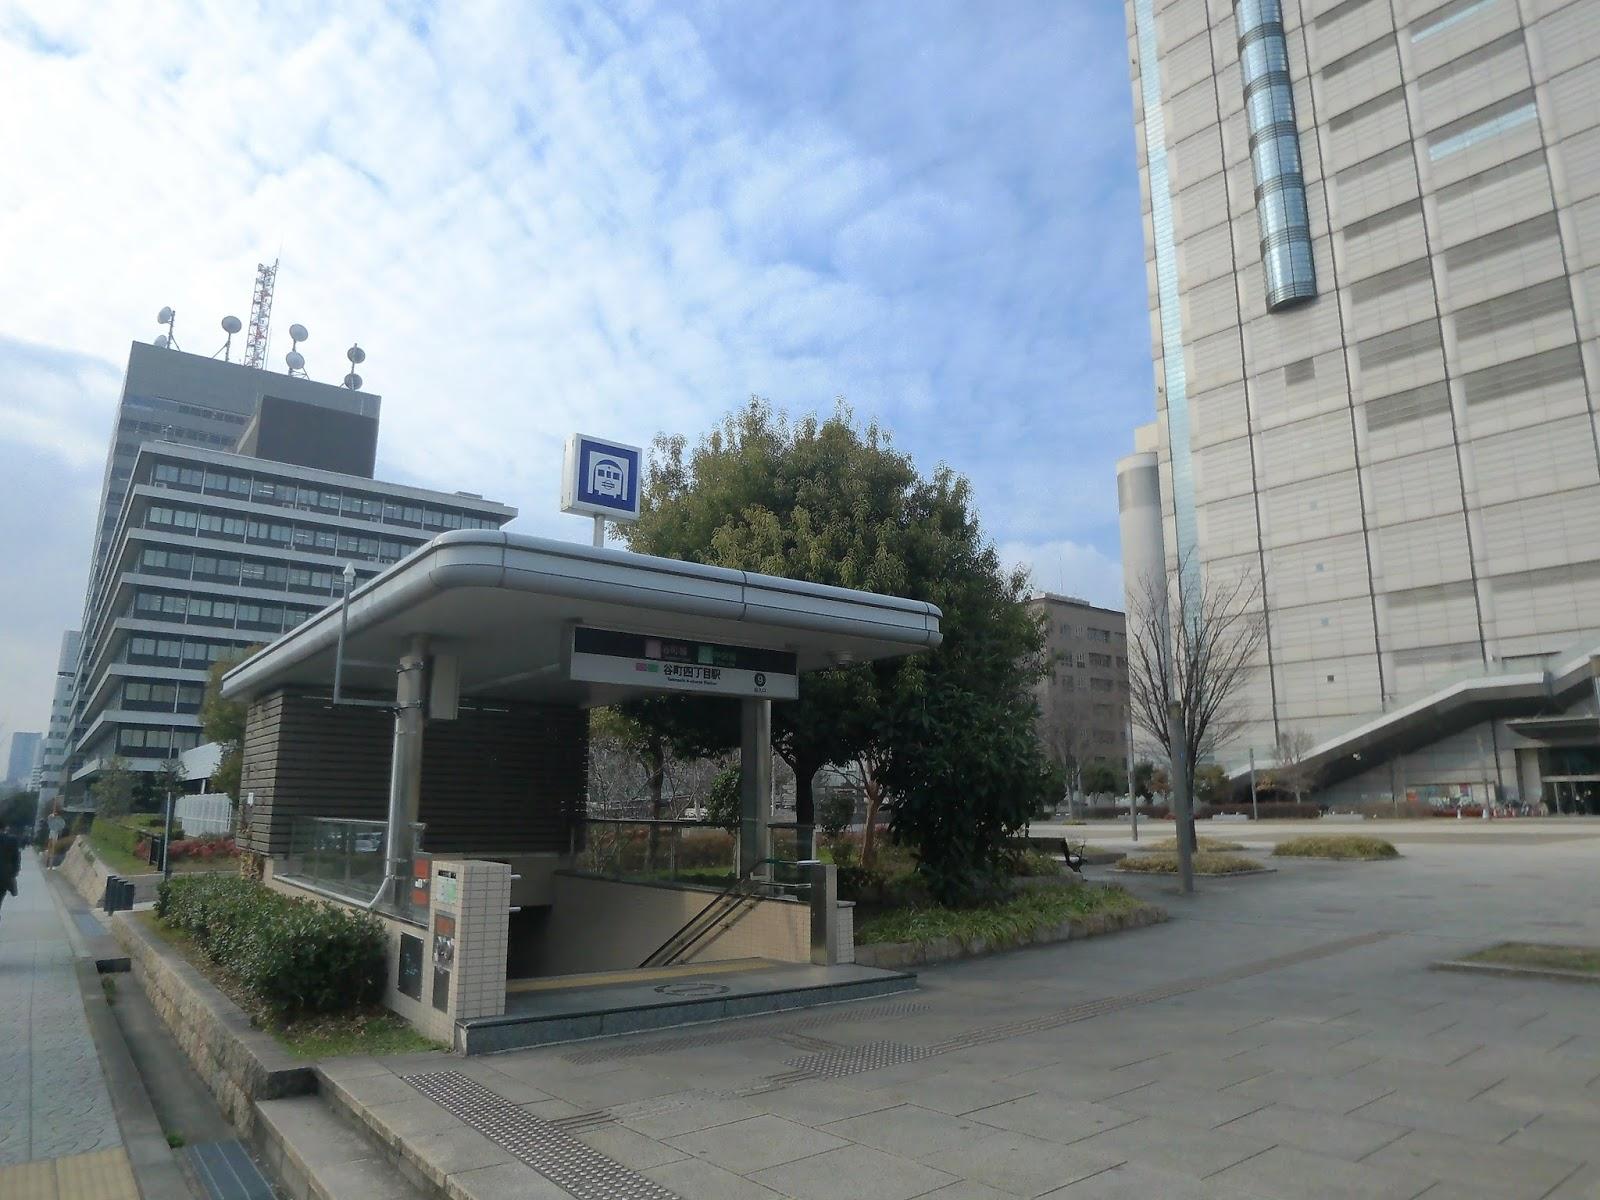 N2 blog: 地下鉄中央線で大阪城へ 谷町四丁目駅